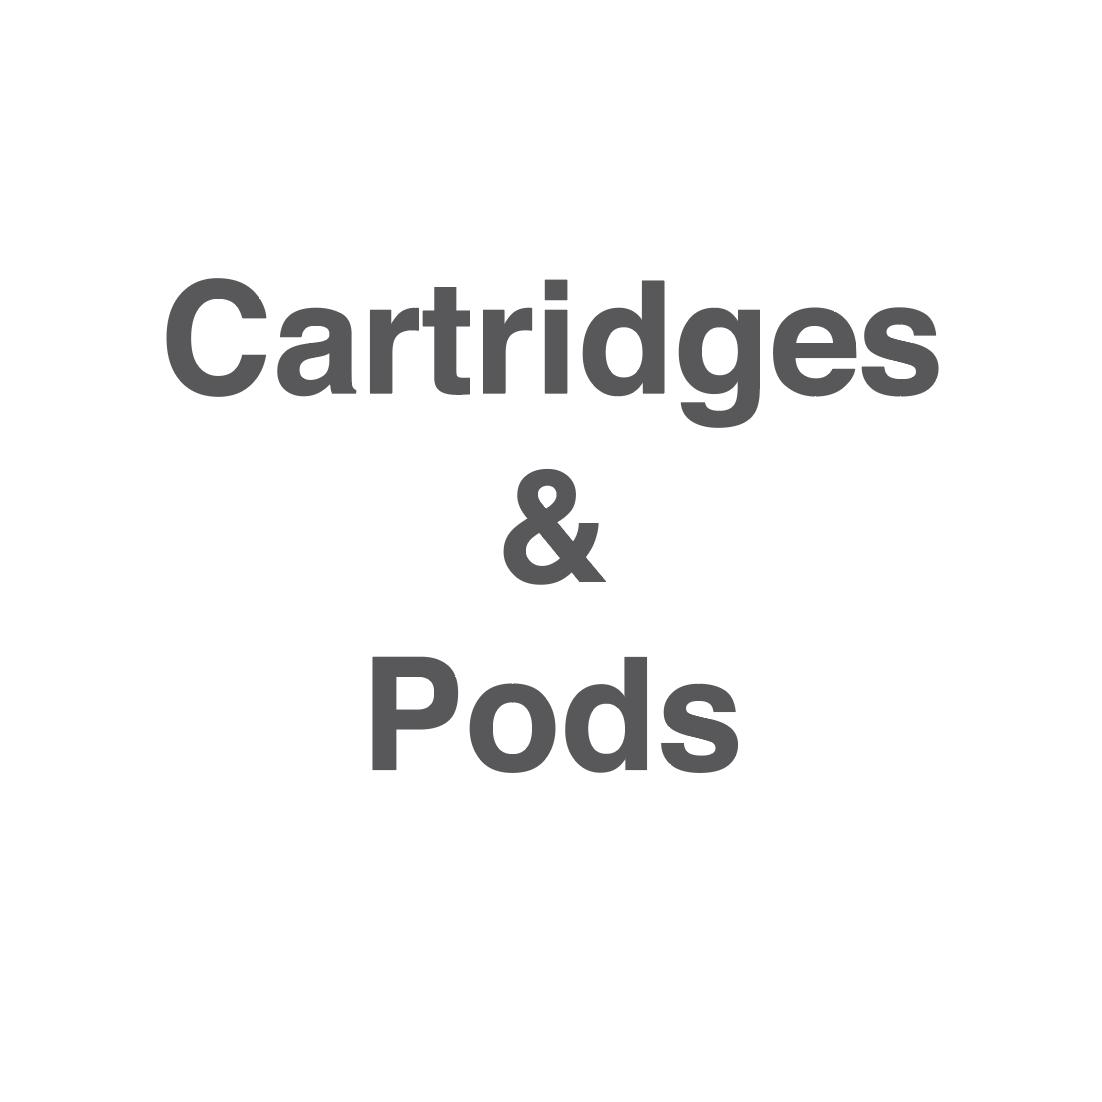 Cartridges & pods